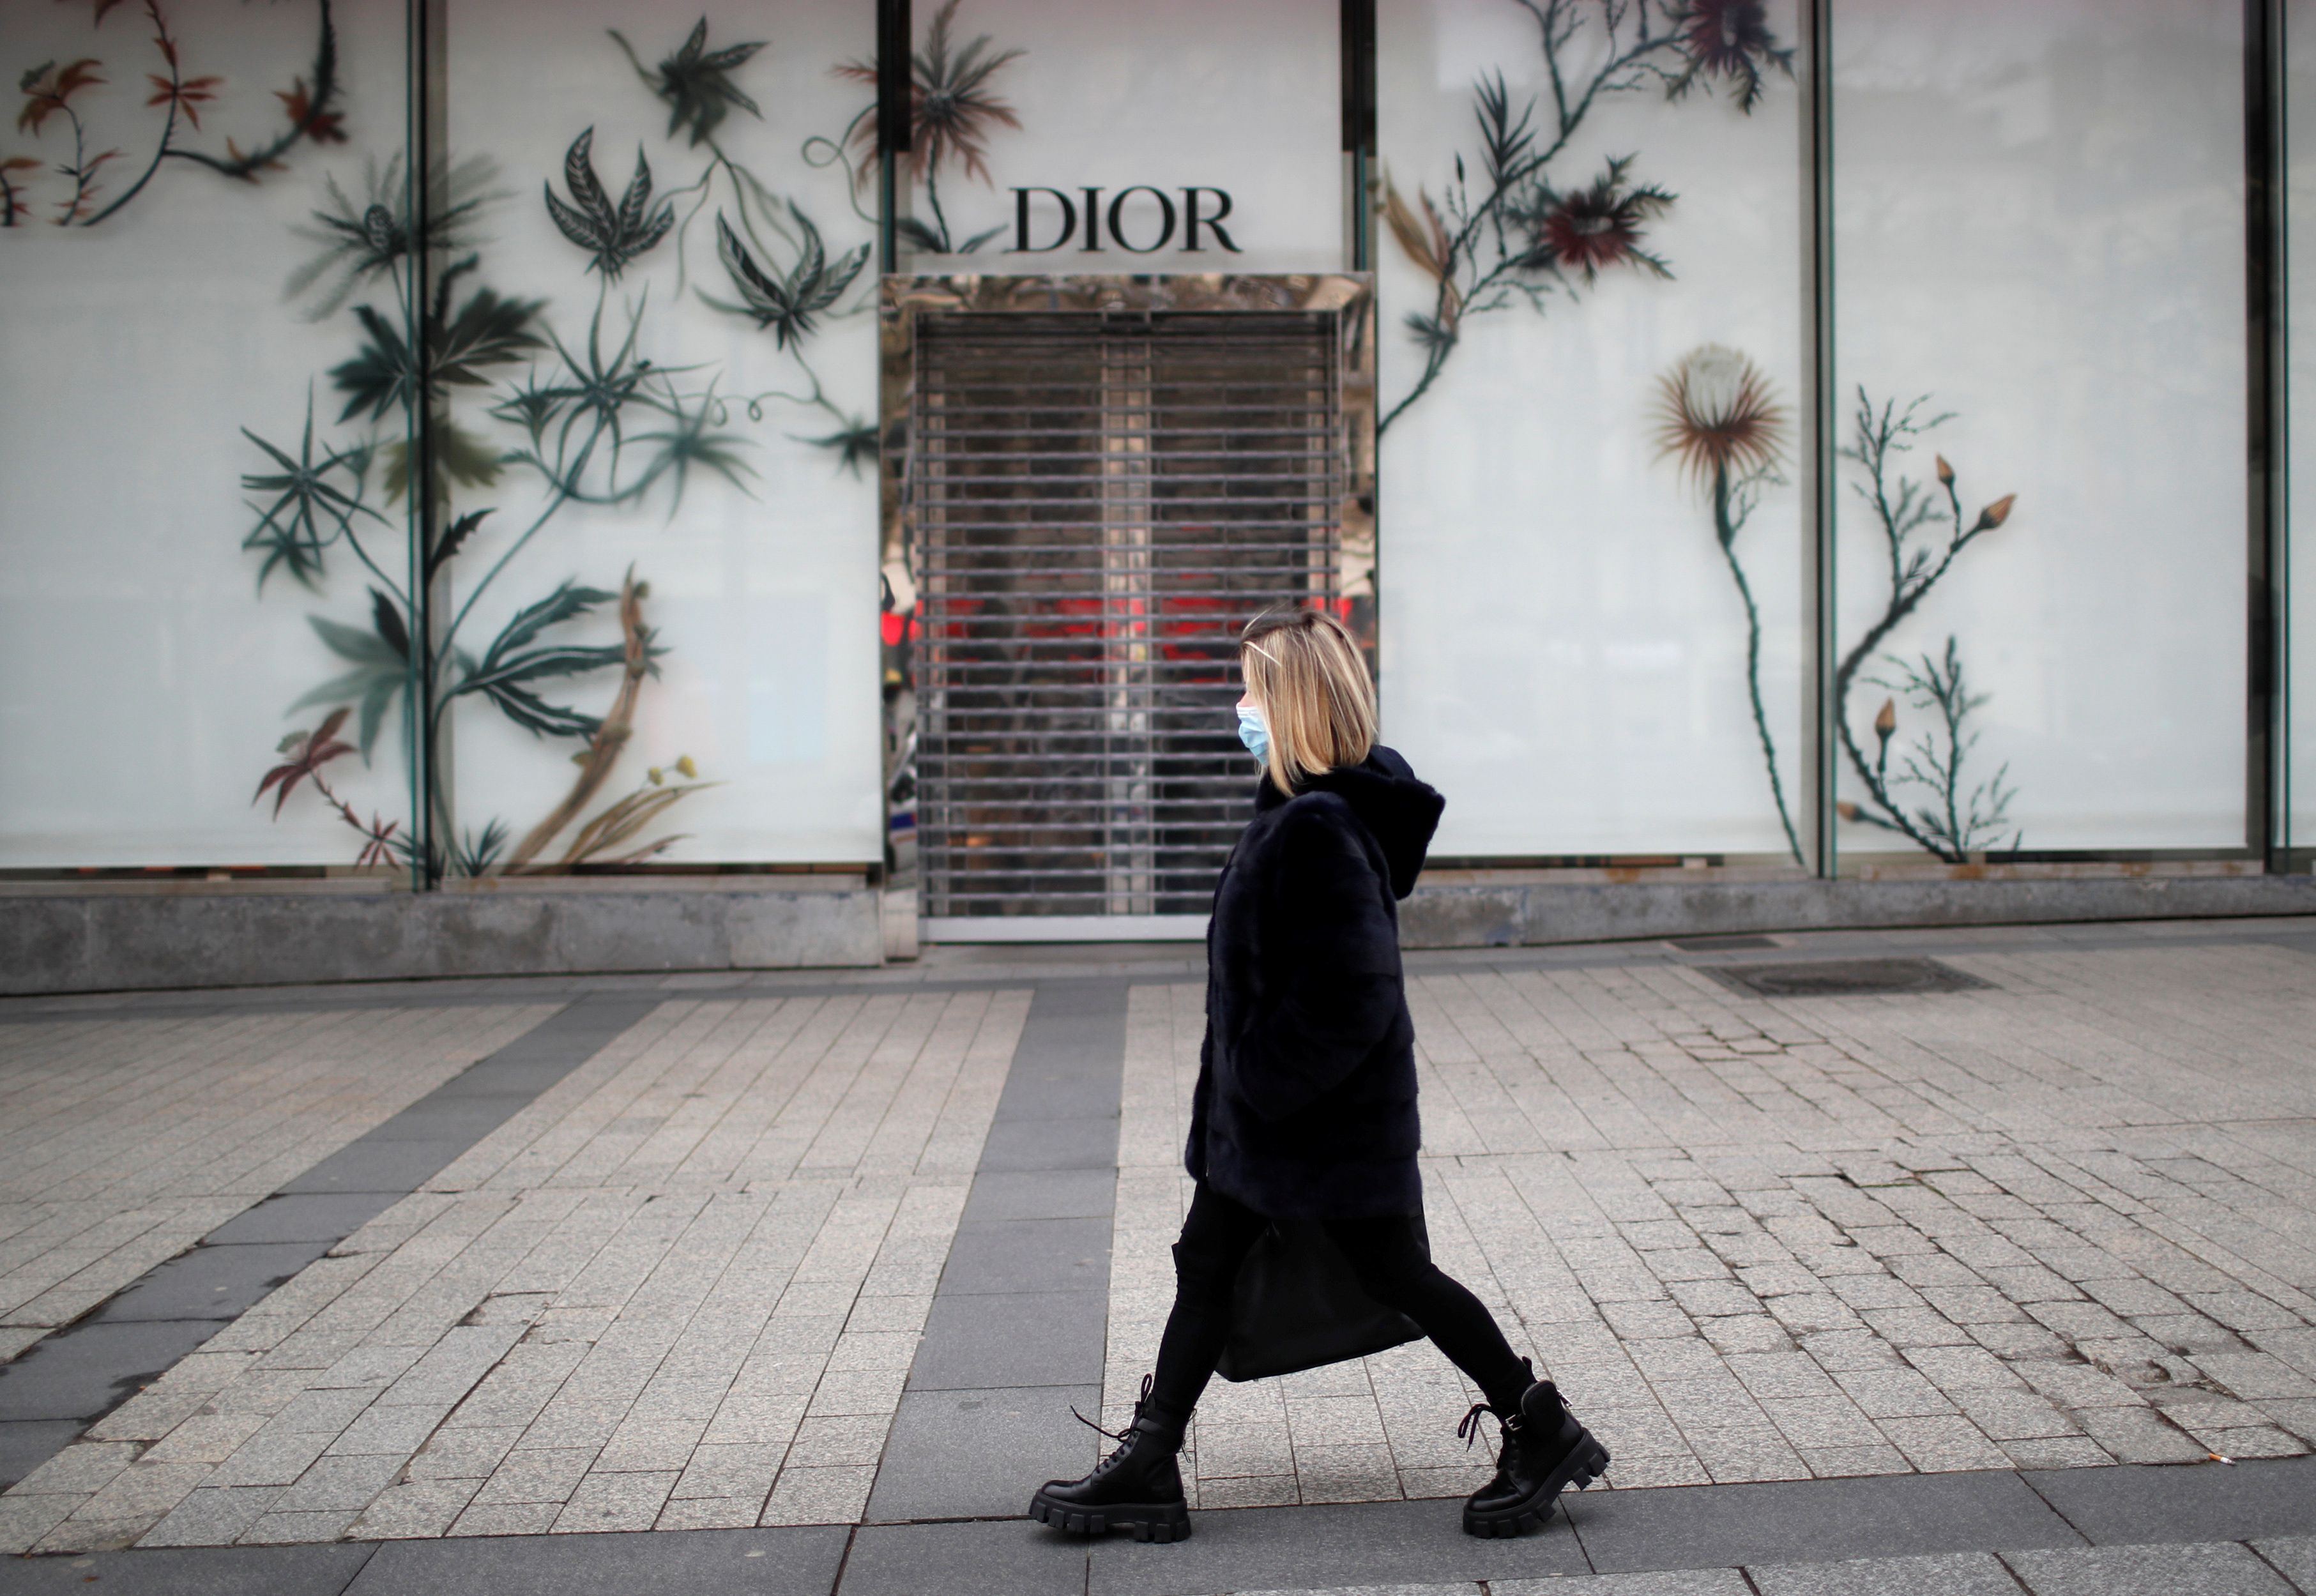 Što će biti s modom nakon korone? U Kini se vraćaju navikama, a gubitak u modnoj industriji premašio je 40 milijardi dolara